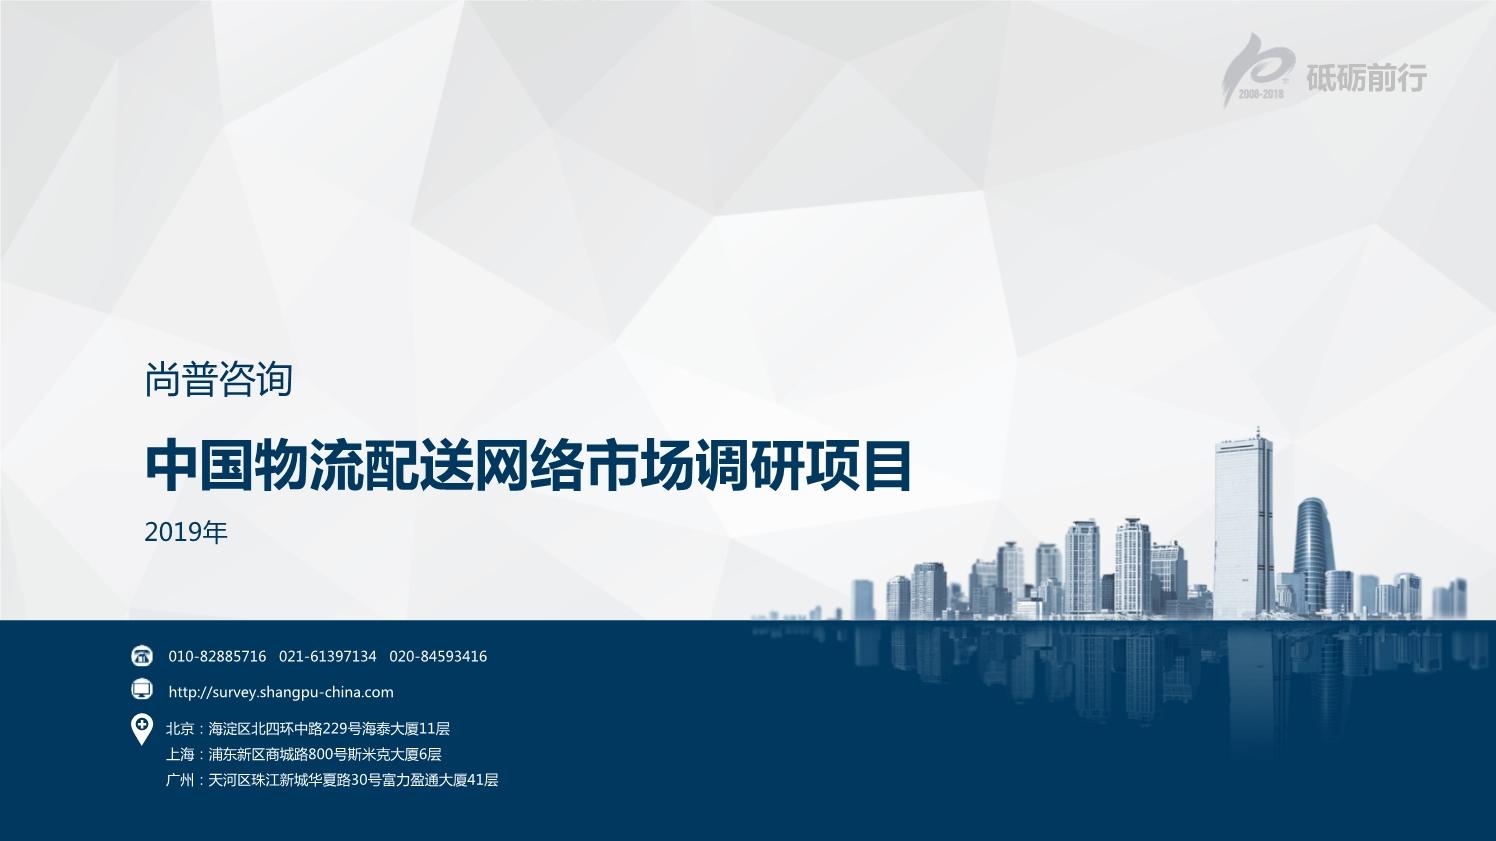 尚普咨询-中国物流配送网络市场调研项目